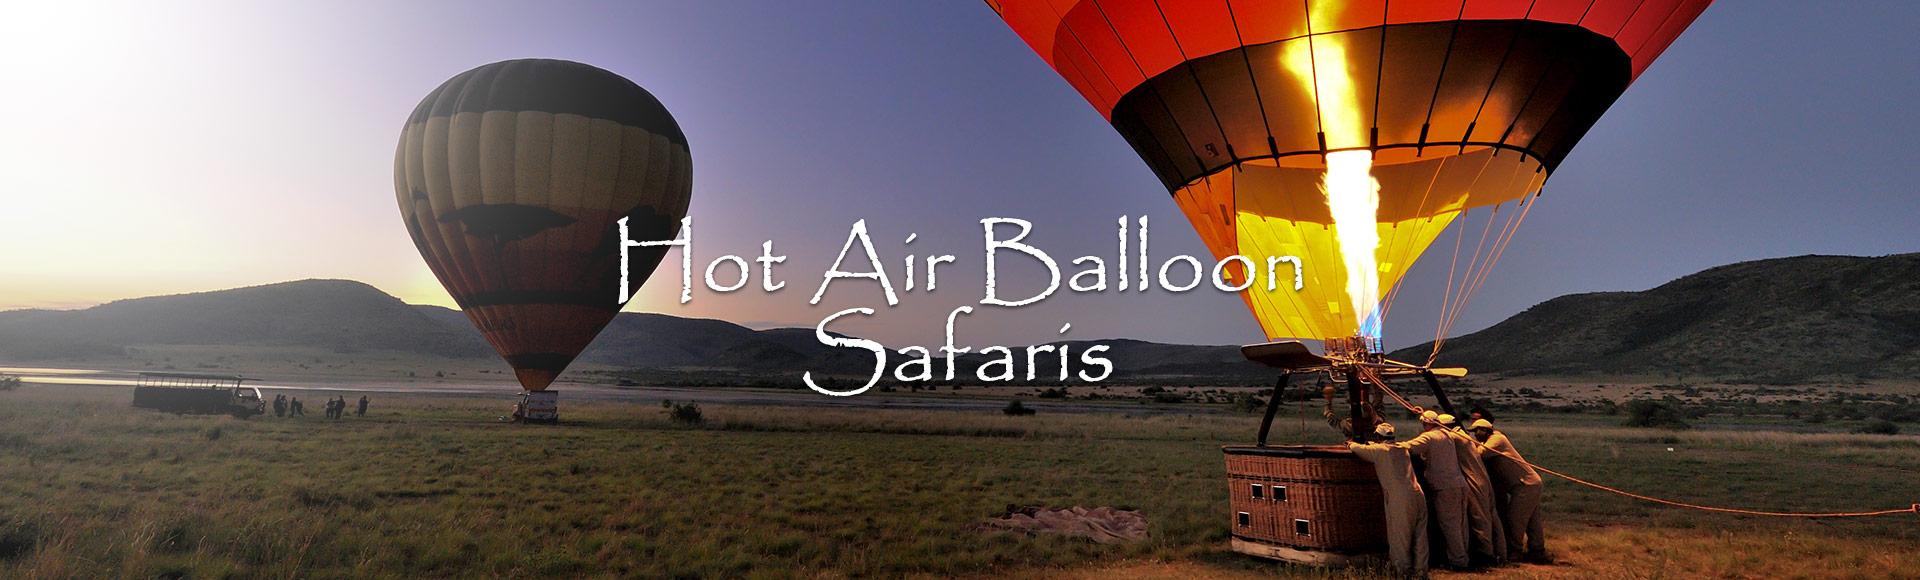 balloonsafaris